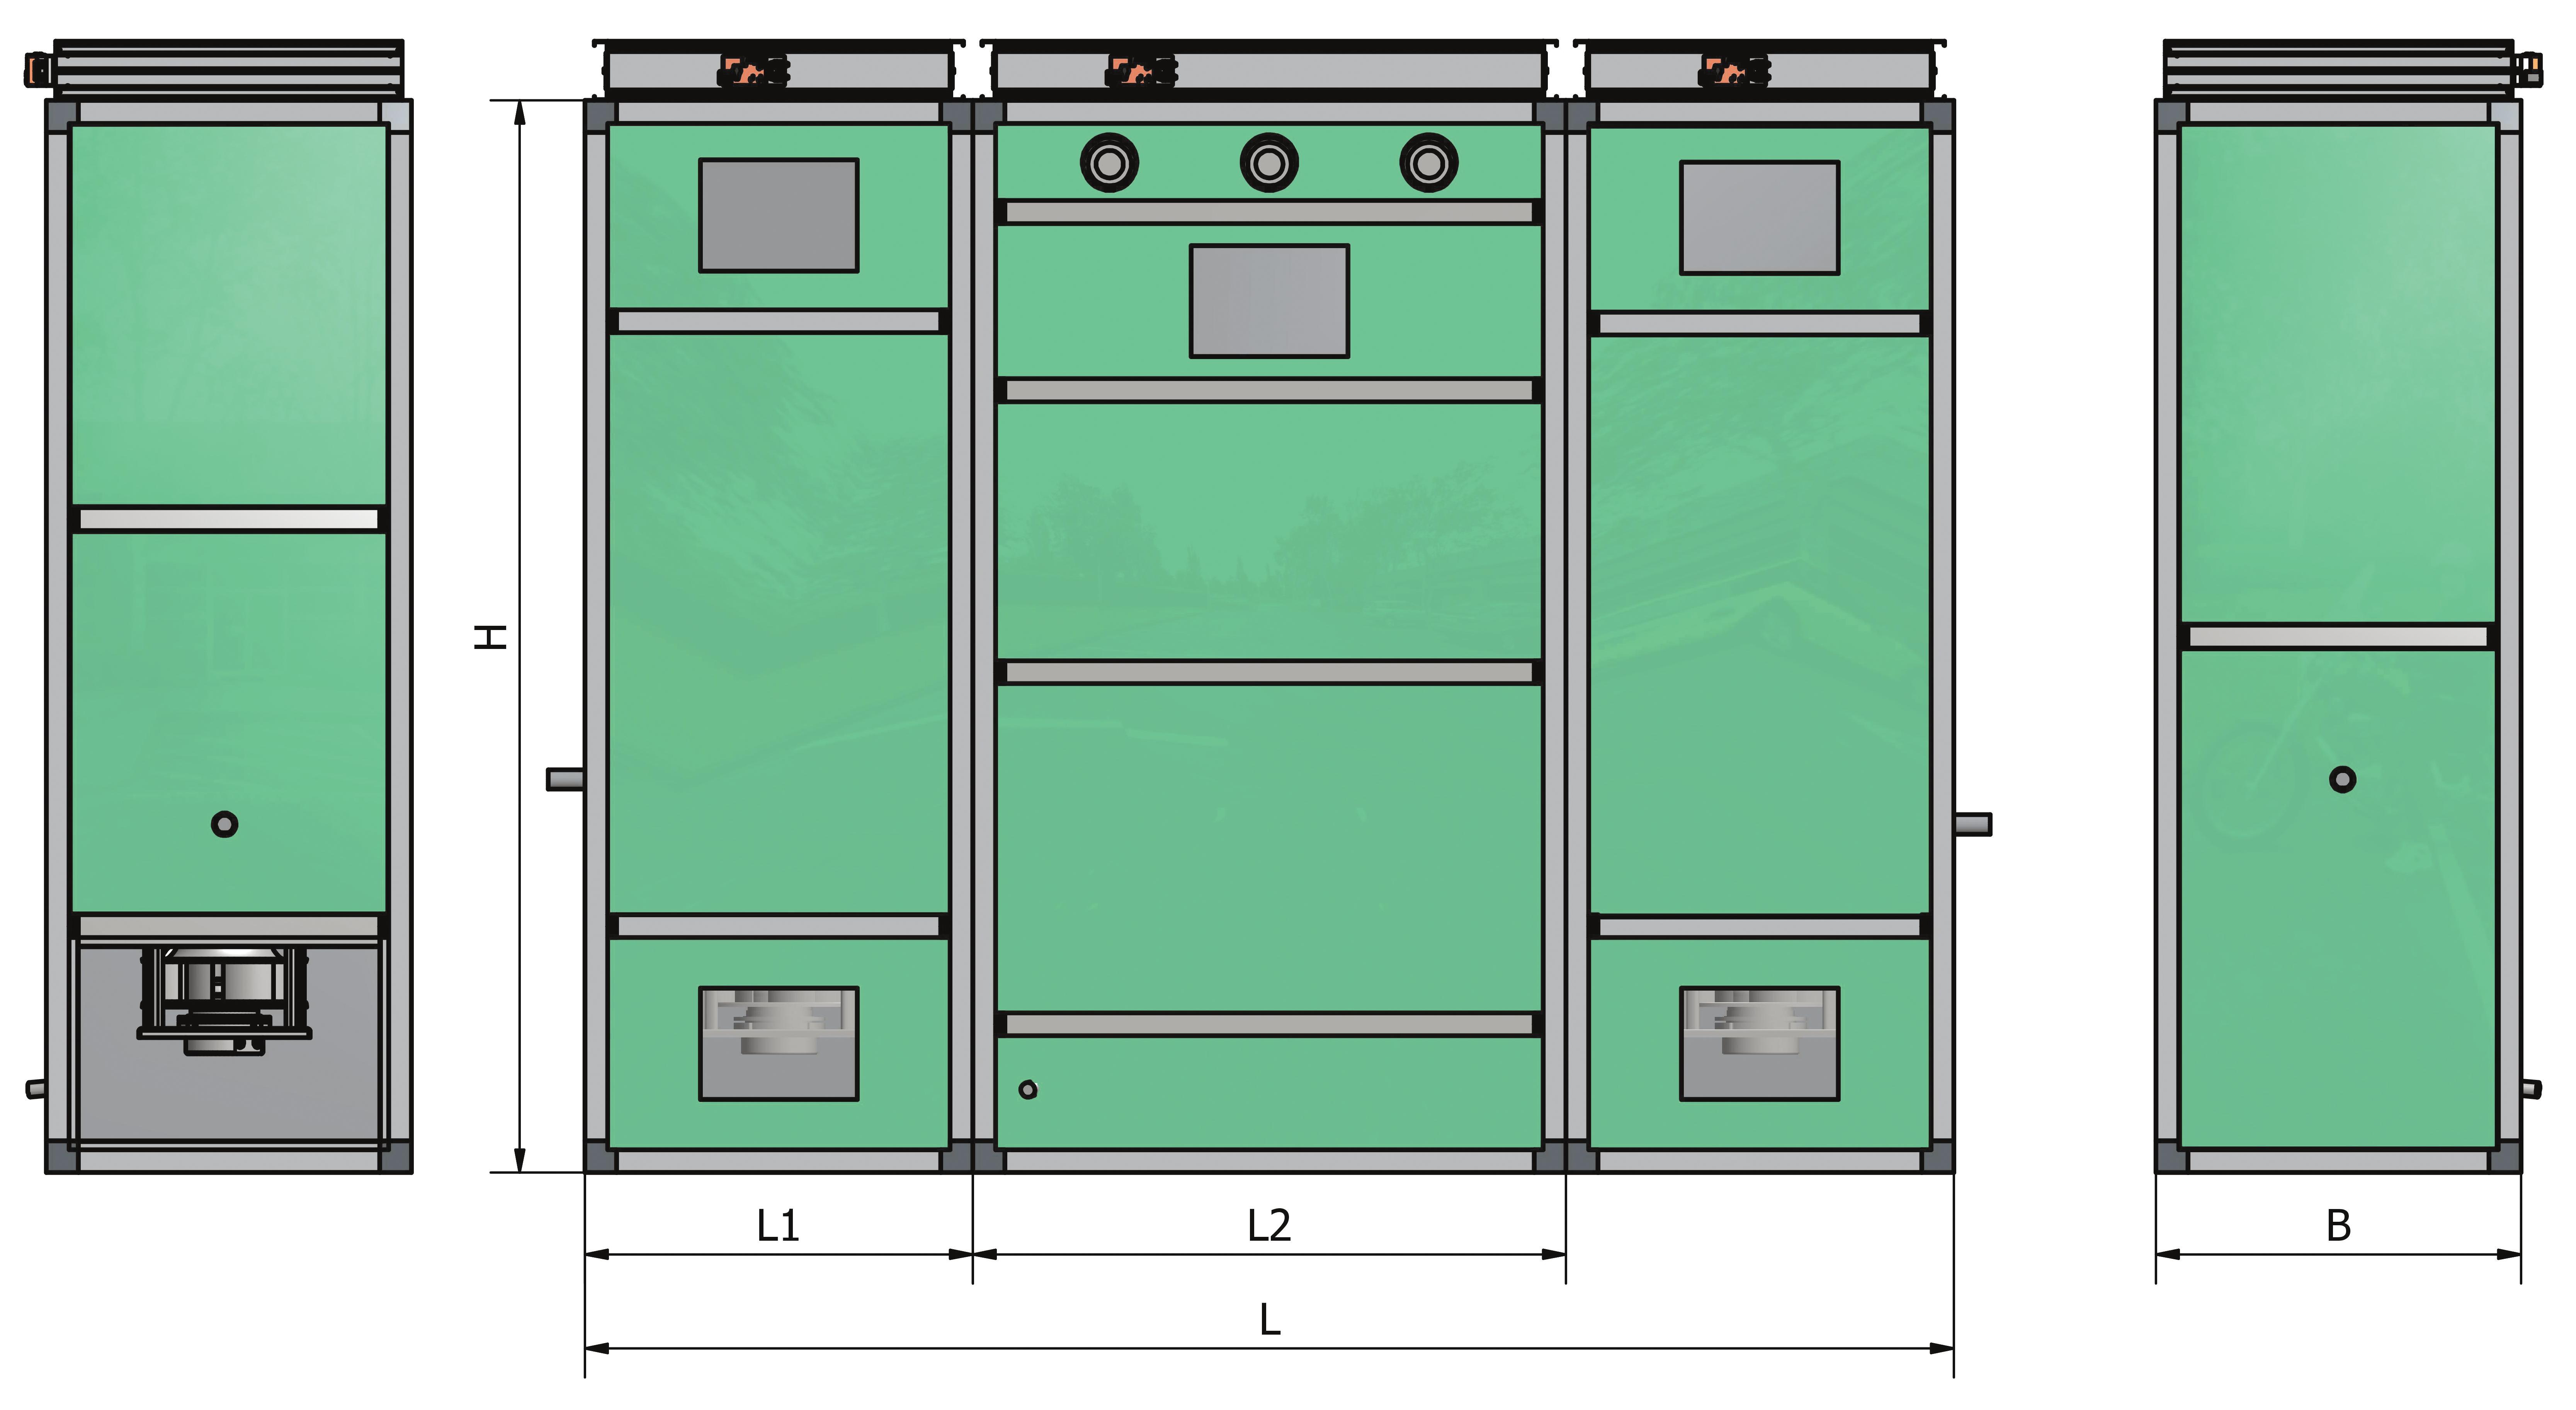 Wybitny Szafa klimatyzacji precyzyjnej. 7 wielkości - Frapol EX02